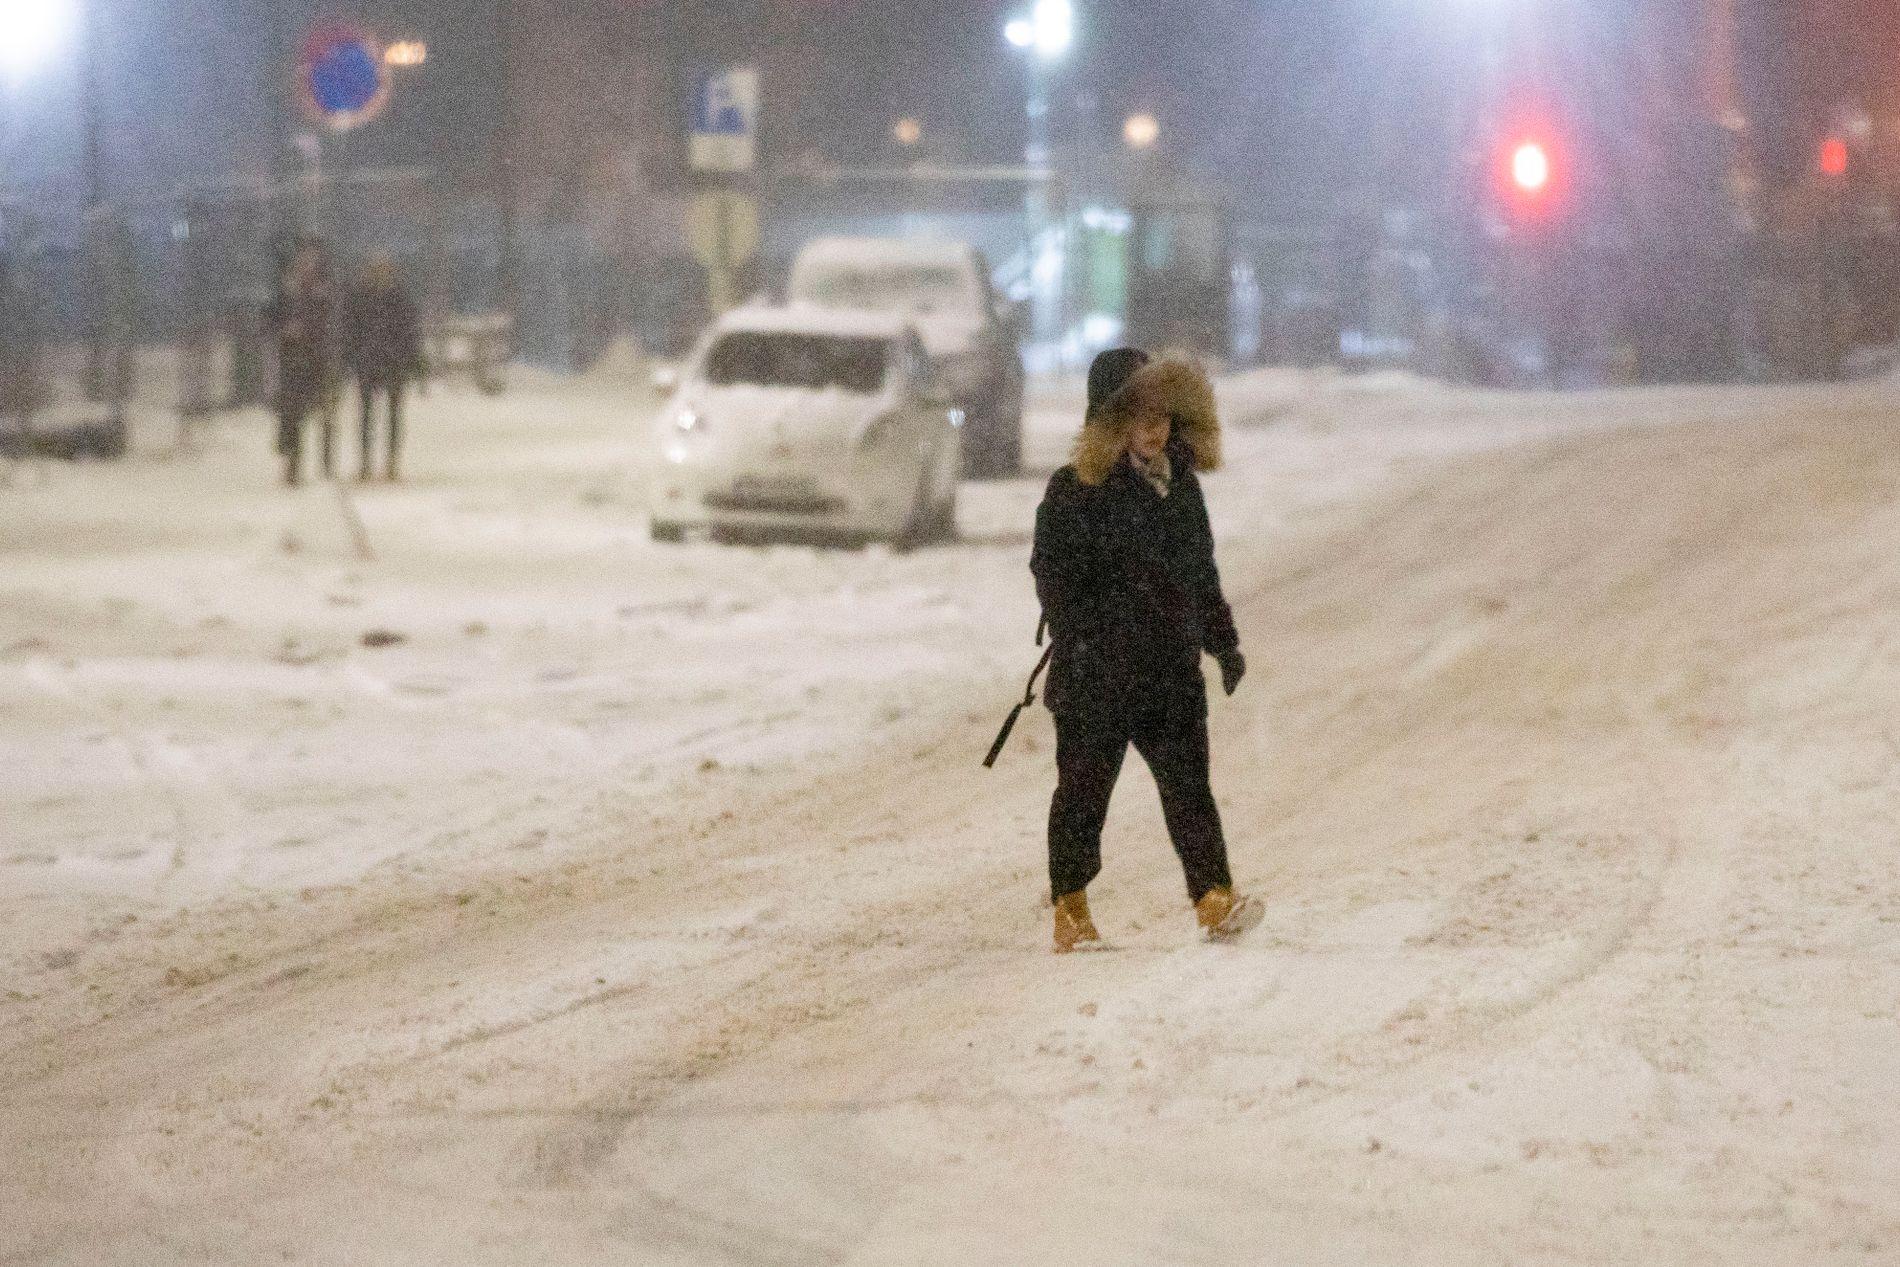 mm nedbør til snø